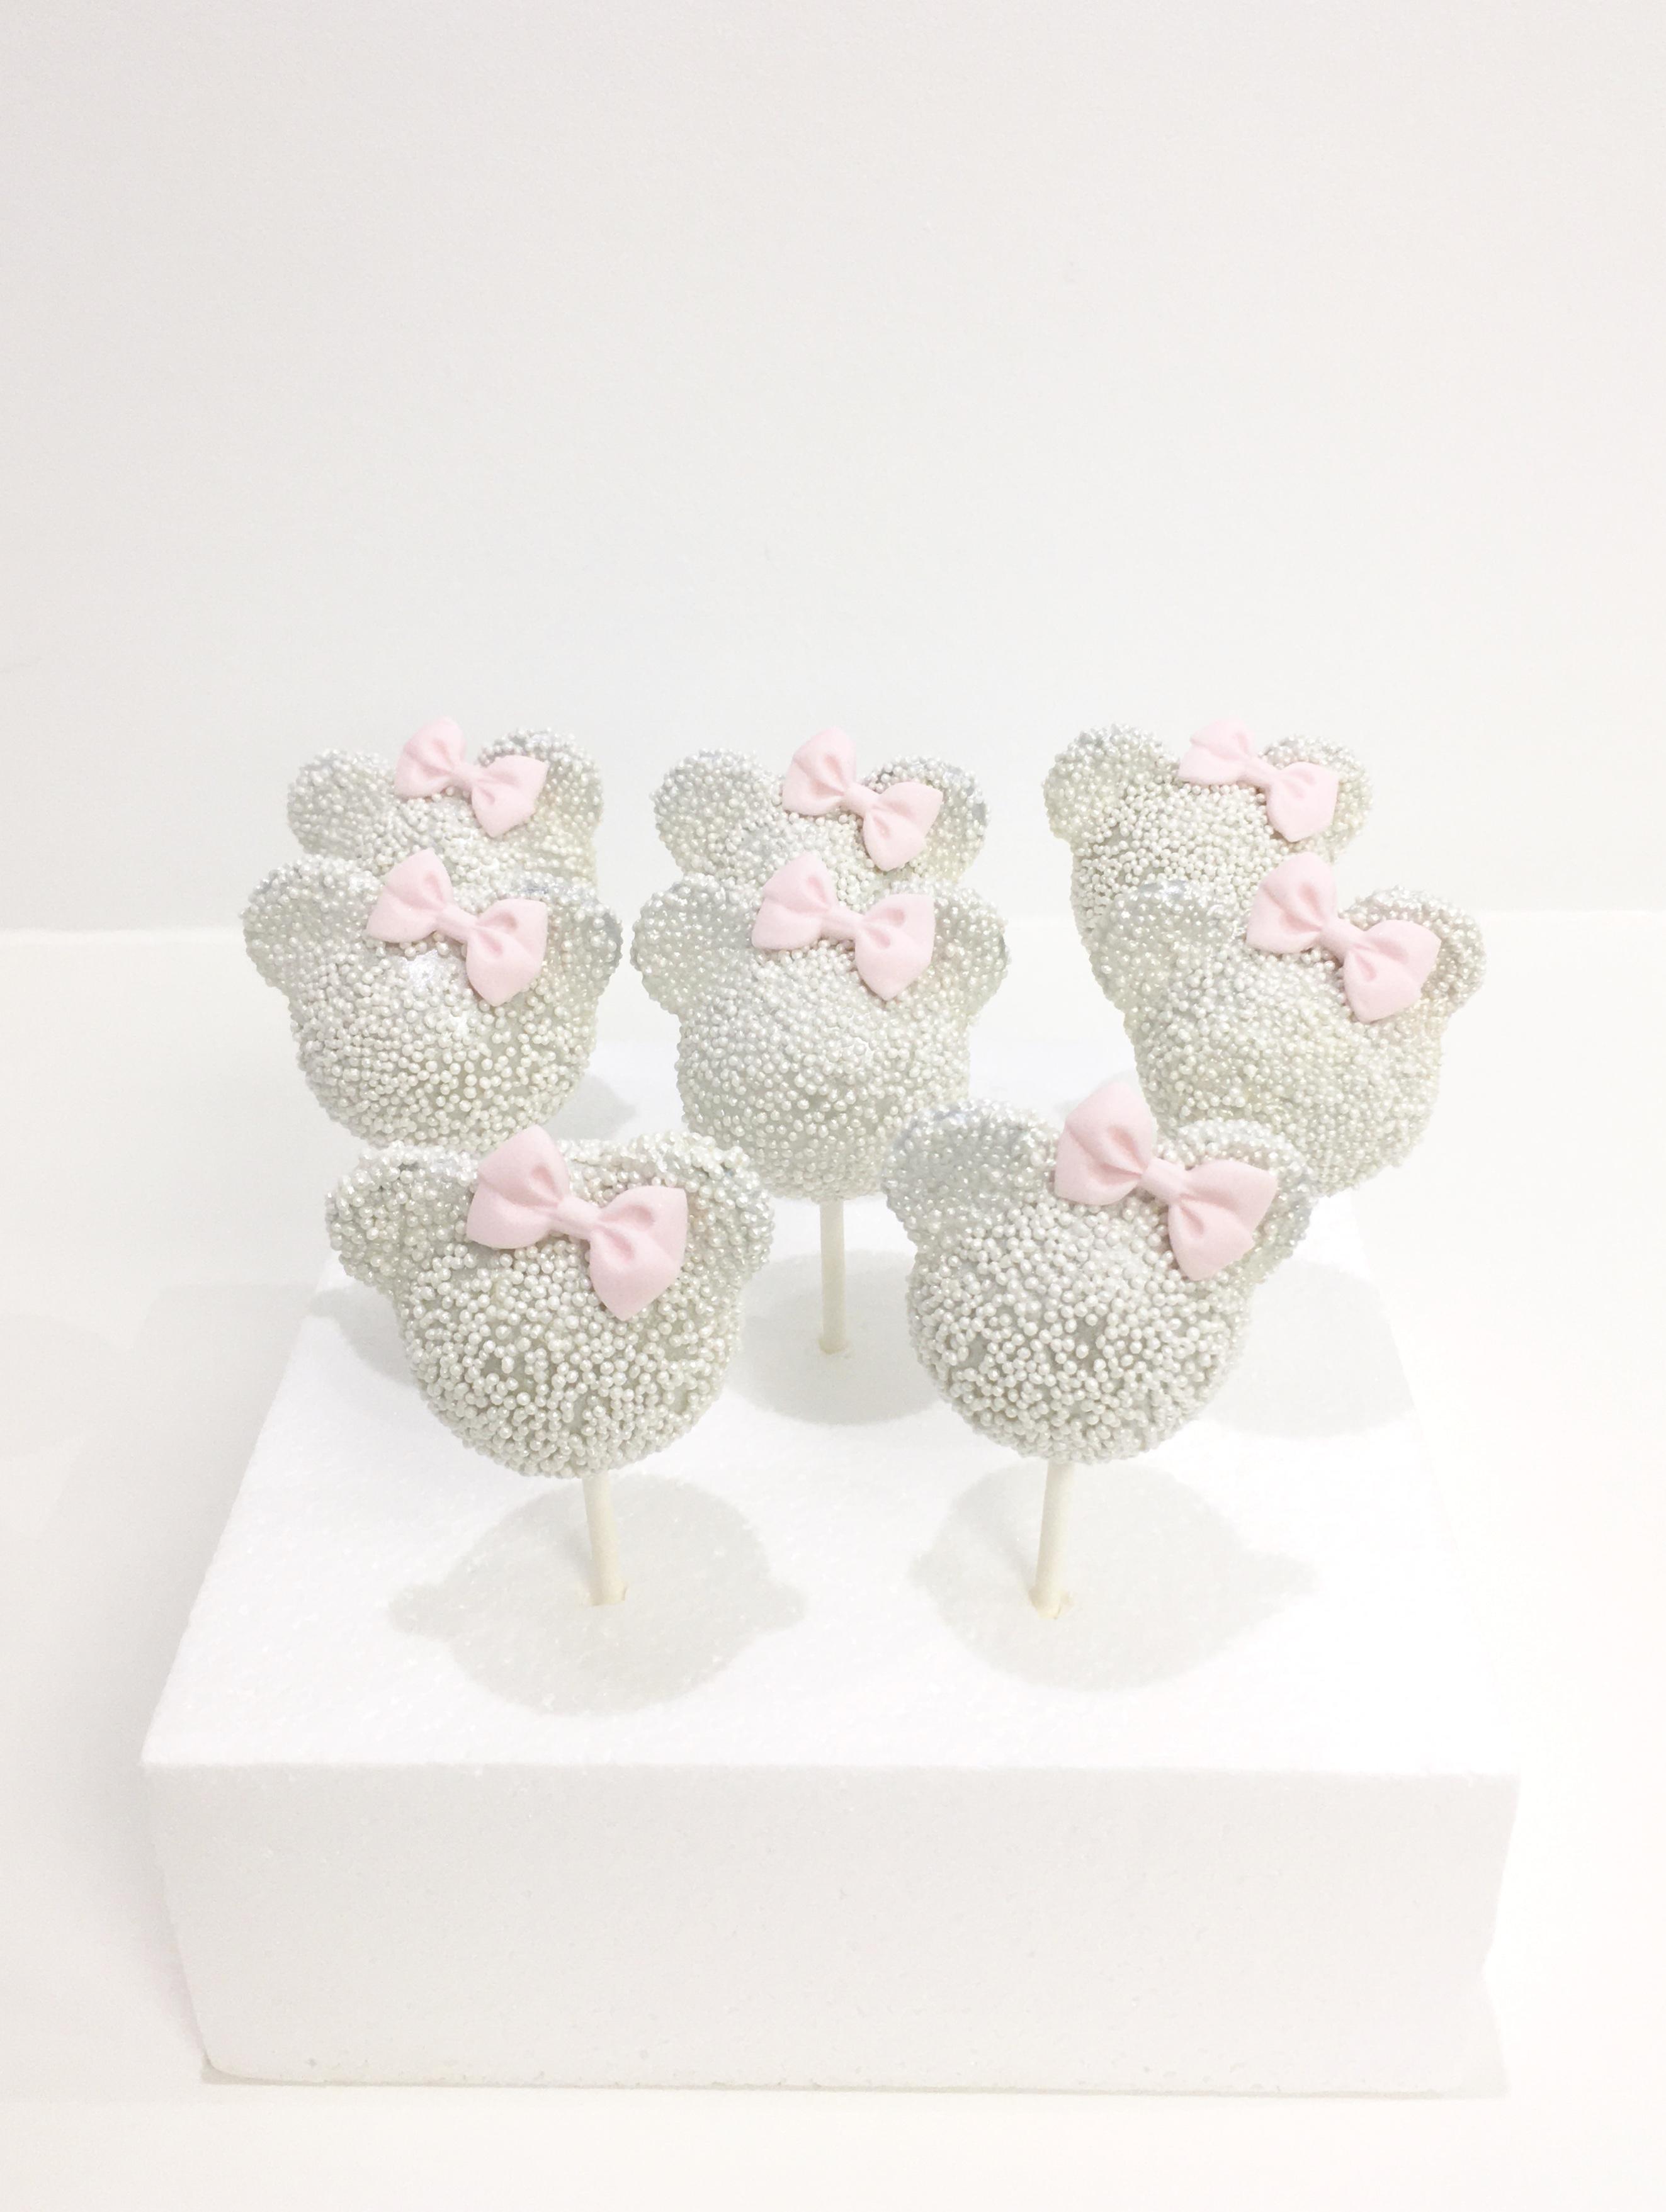 Gâteaux individuels personnalisés Baptême - Popcakes Thème Minnie et noeuds